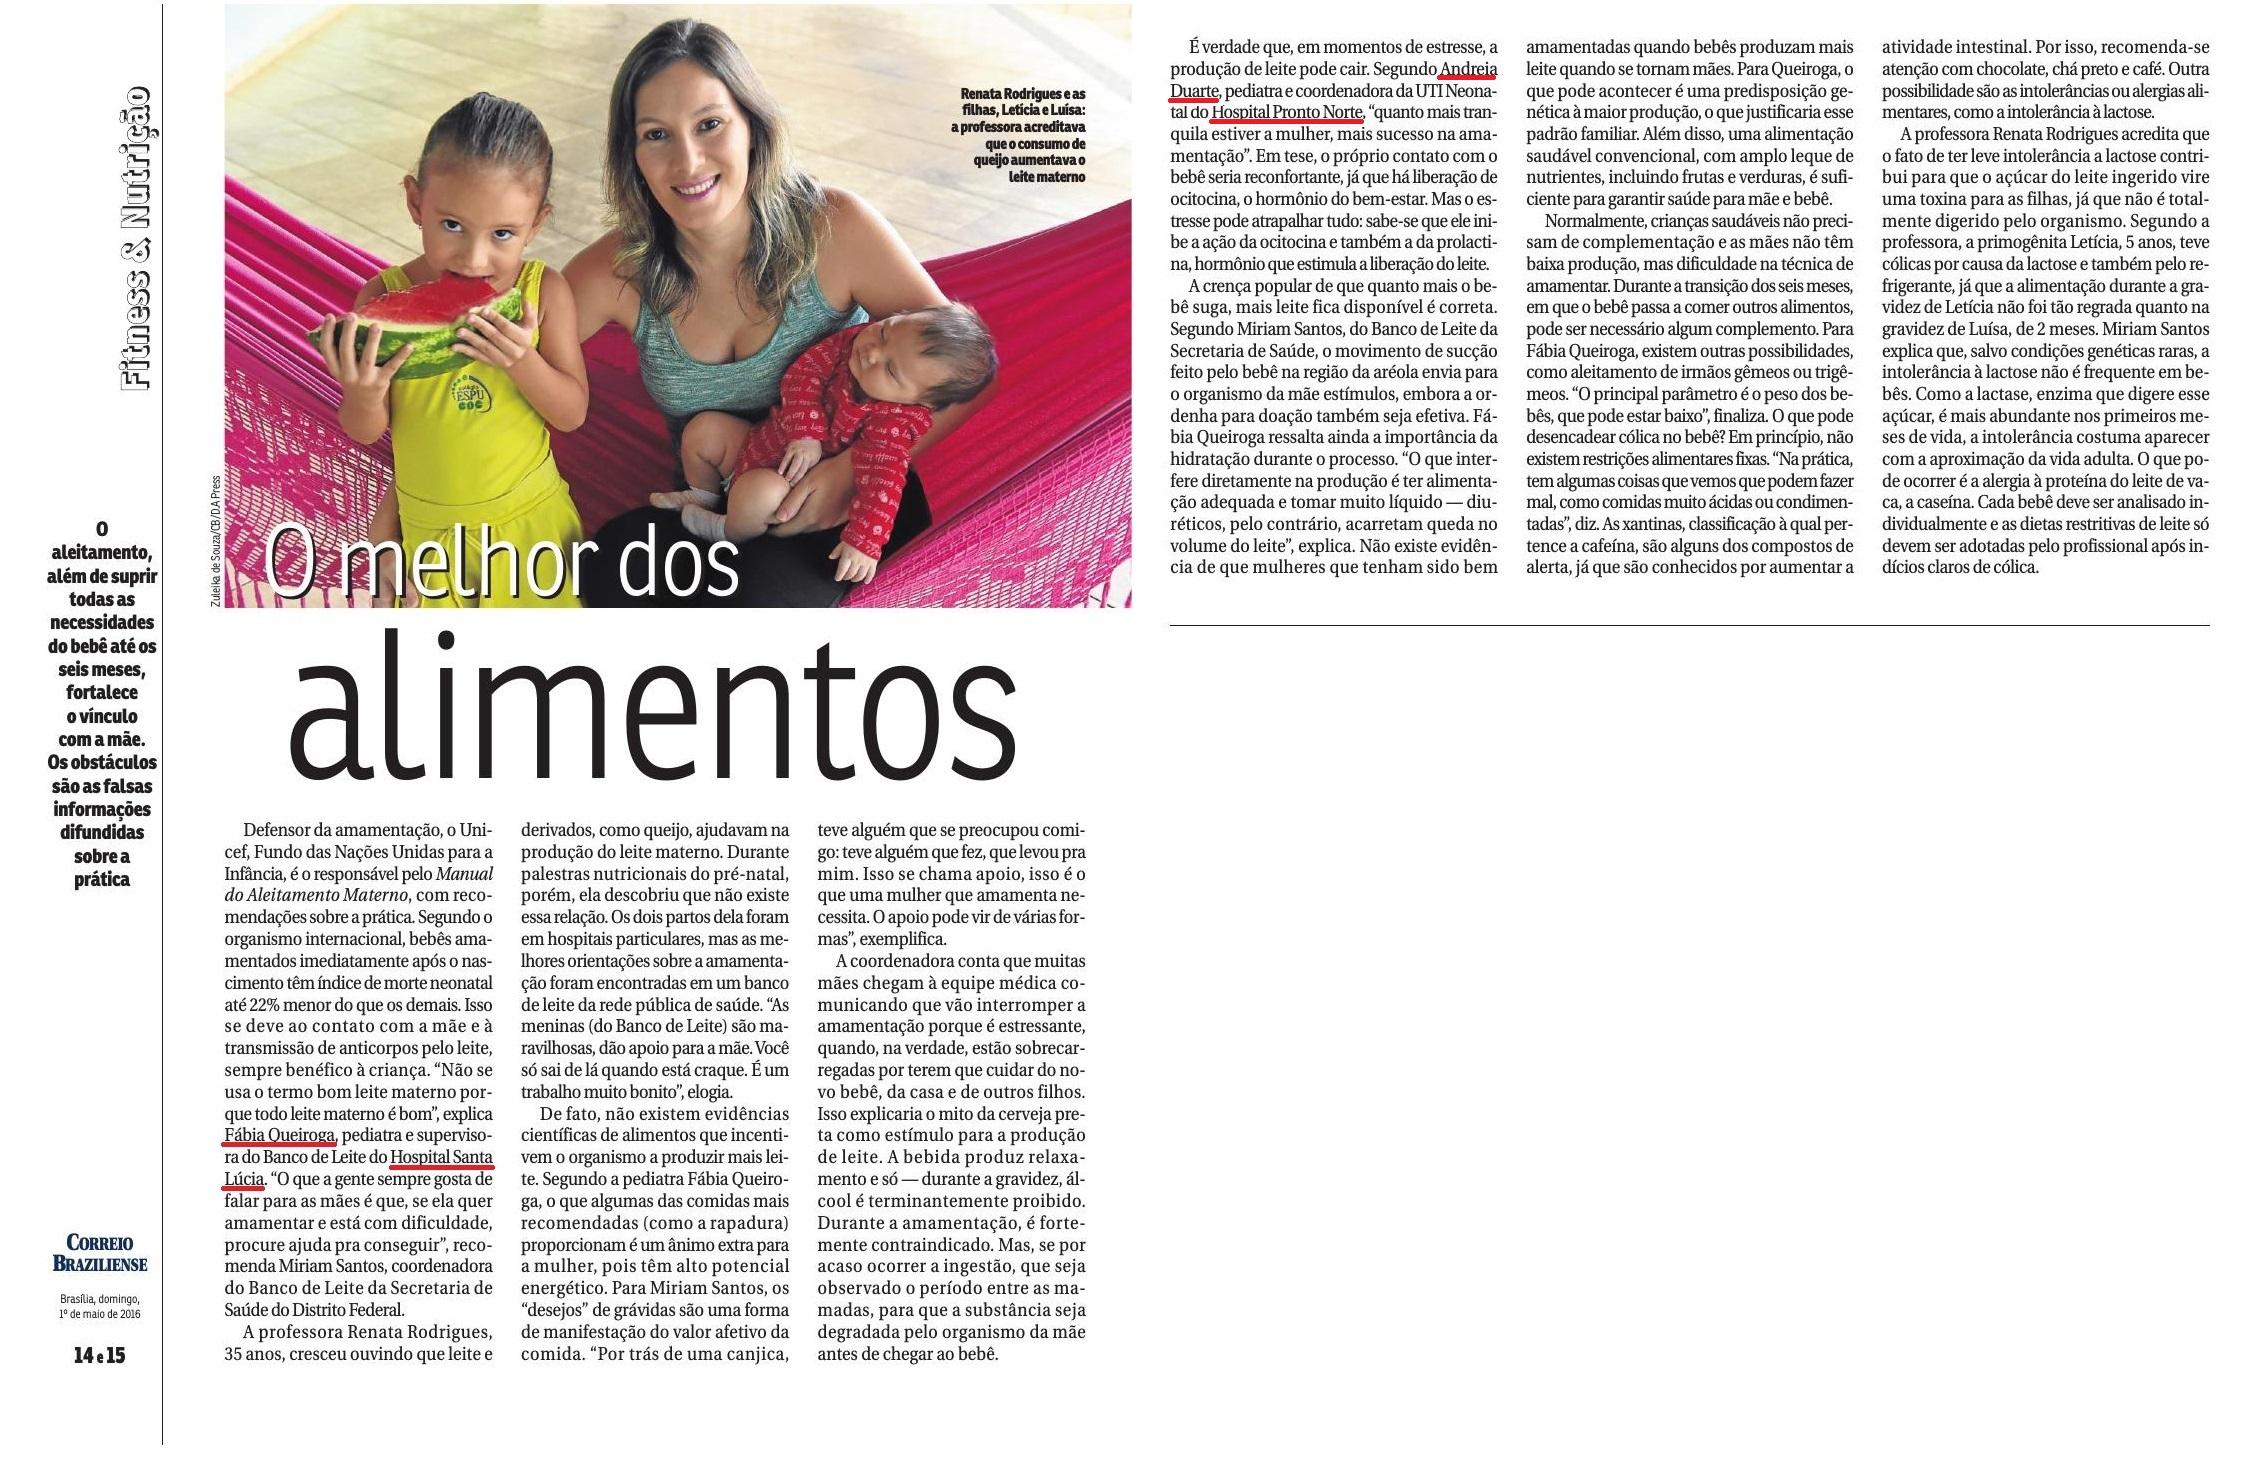 Revista do Correio - O melhor dos alimentos - 01-05-16 [1]